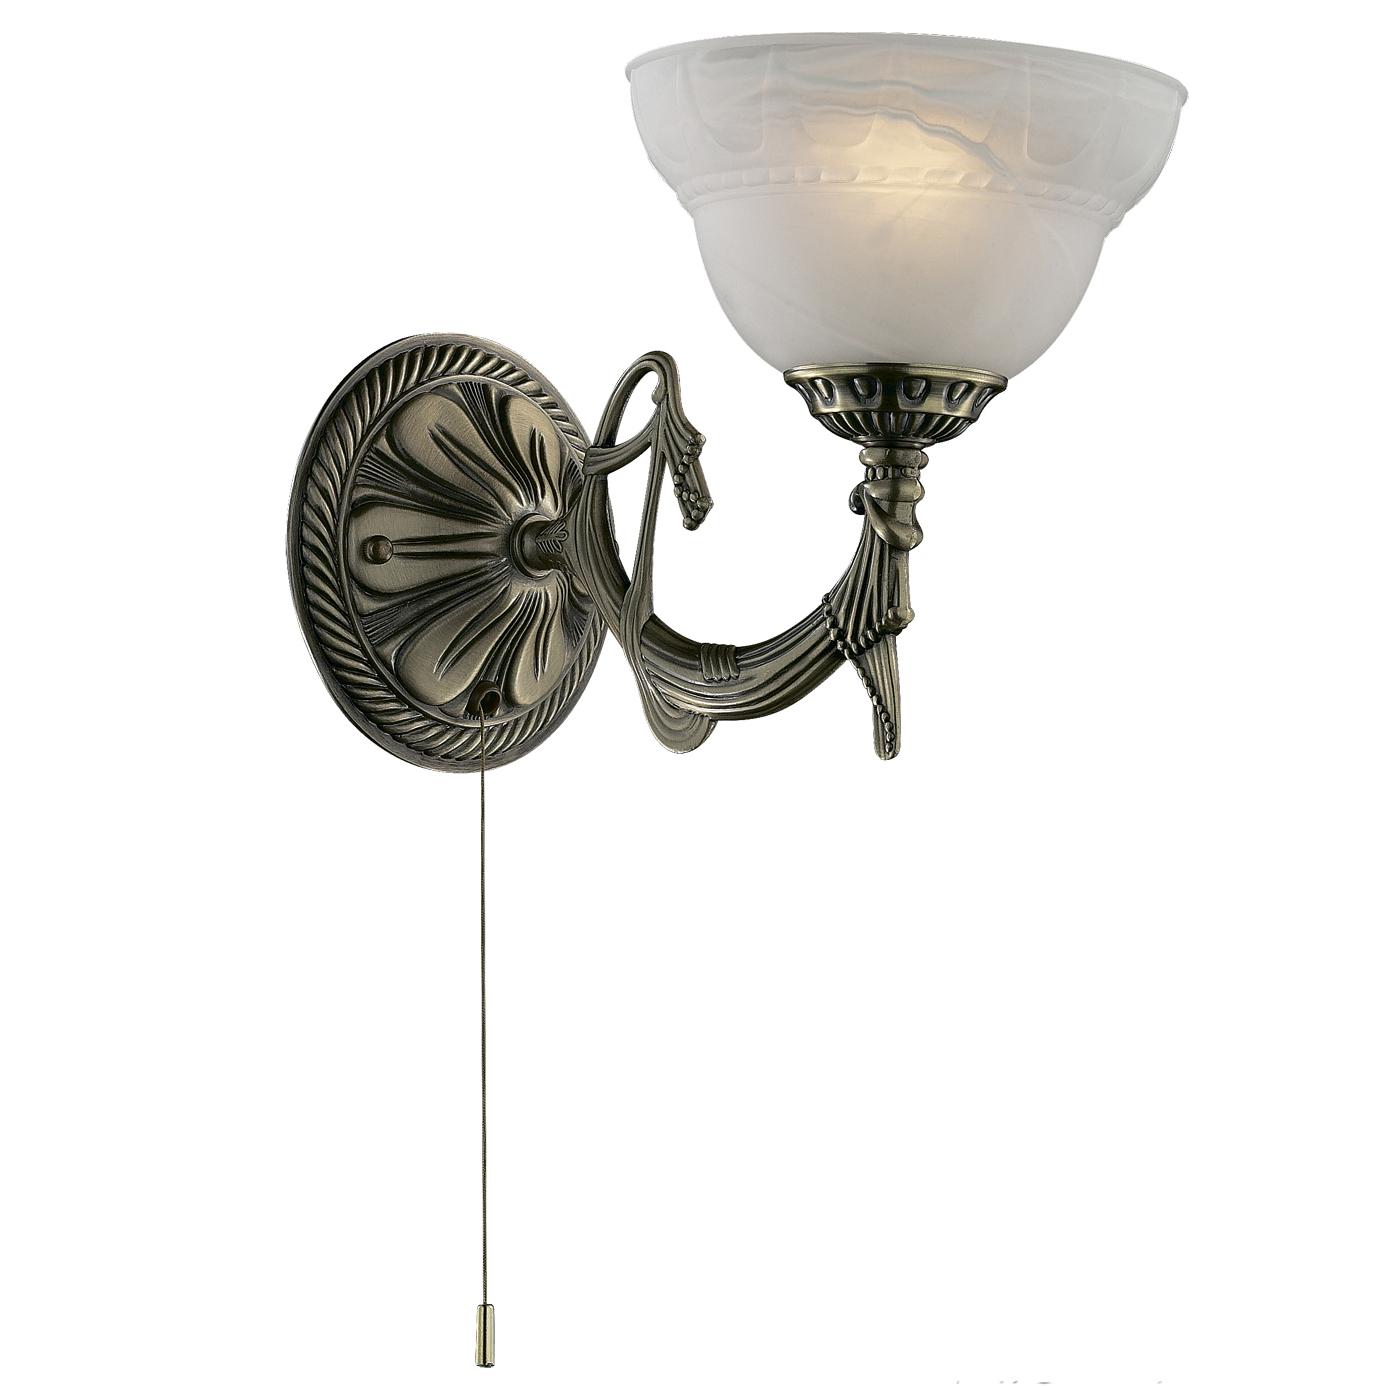 Бра Odeon lightНастенные светильники и бра<br>Тип: бра,<br>Назначение светильника: для комнаты,<br>Стиль светильника: классика,<br>Материал светильника: металл, стекло,<br>Тип лампы: накаливания,<br>Количество ламп: 1,<br>Мощность: 40,<br>Патрон: Е14,<br>Цвет арматуры: бронза,<br>Ширина: 165,<br>Высота: 250<br>